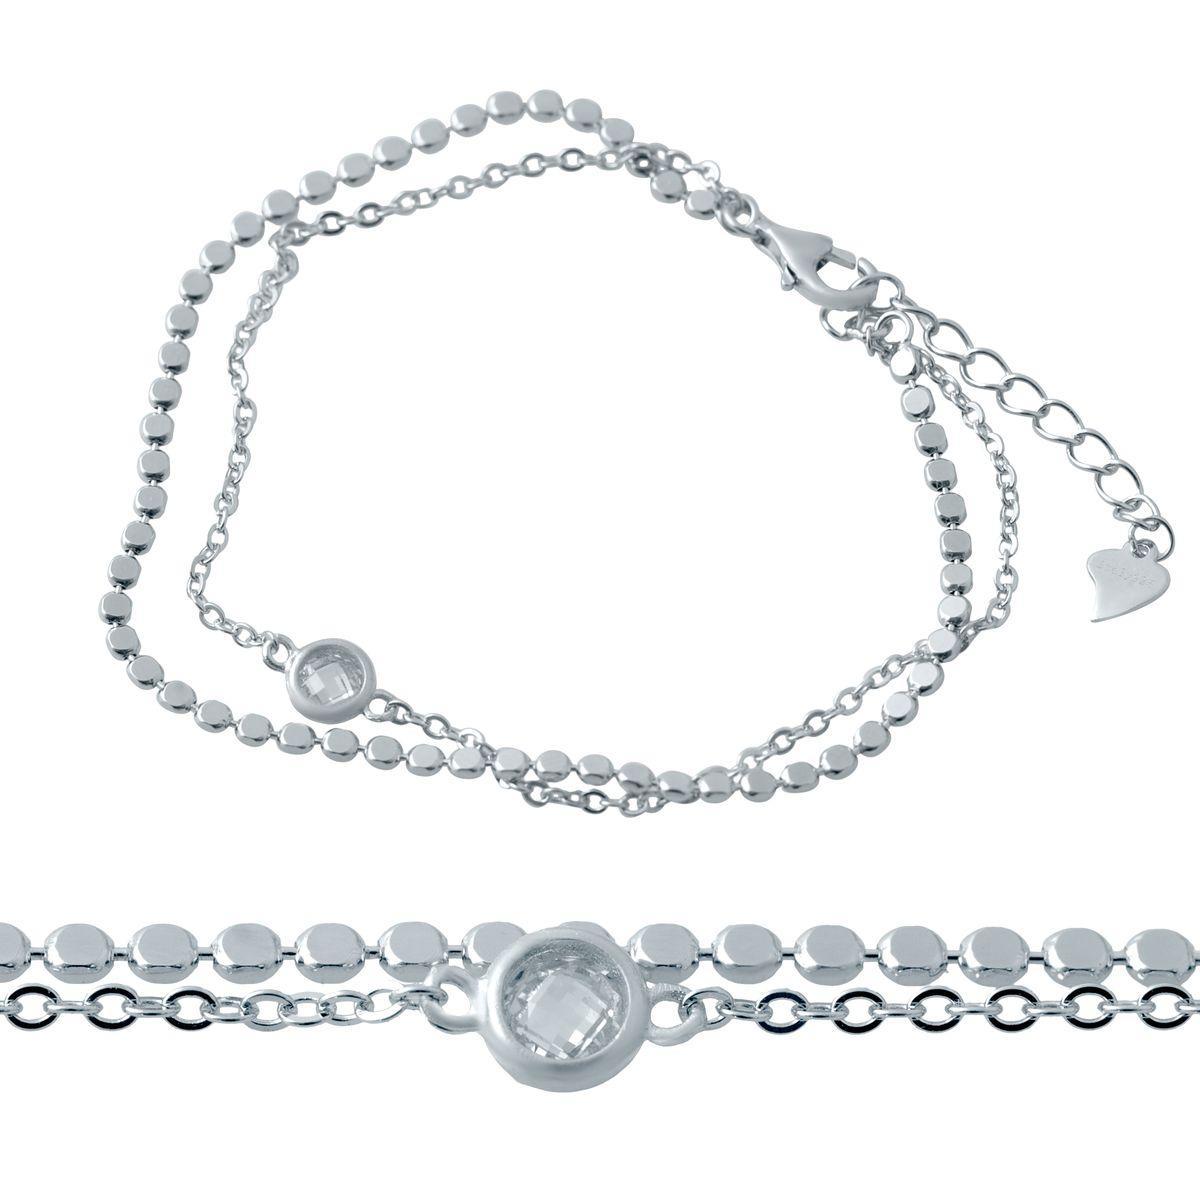 Срібний браслет MioDio з фіанітами (2036944) 1720 розмір